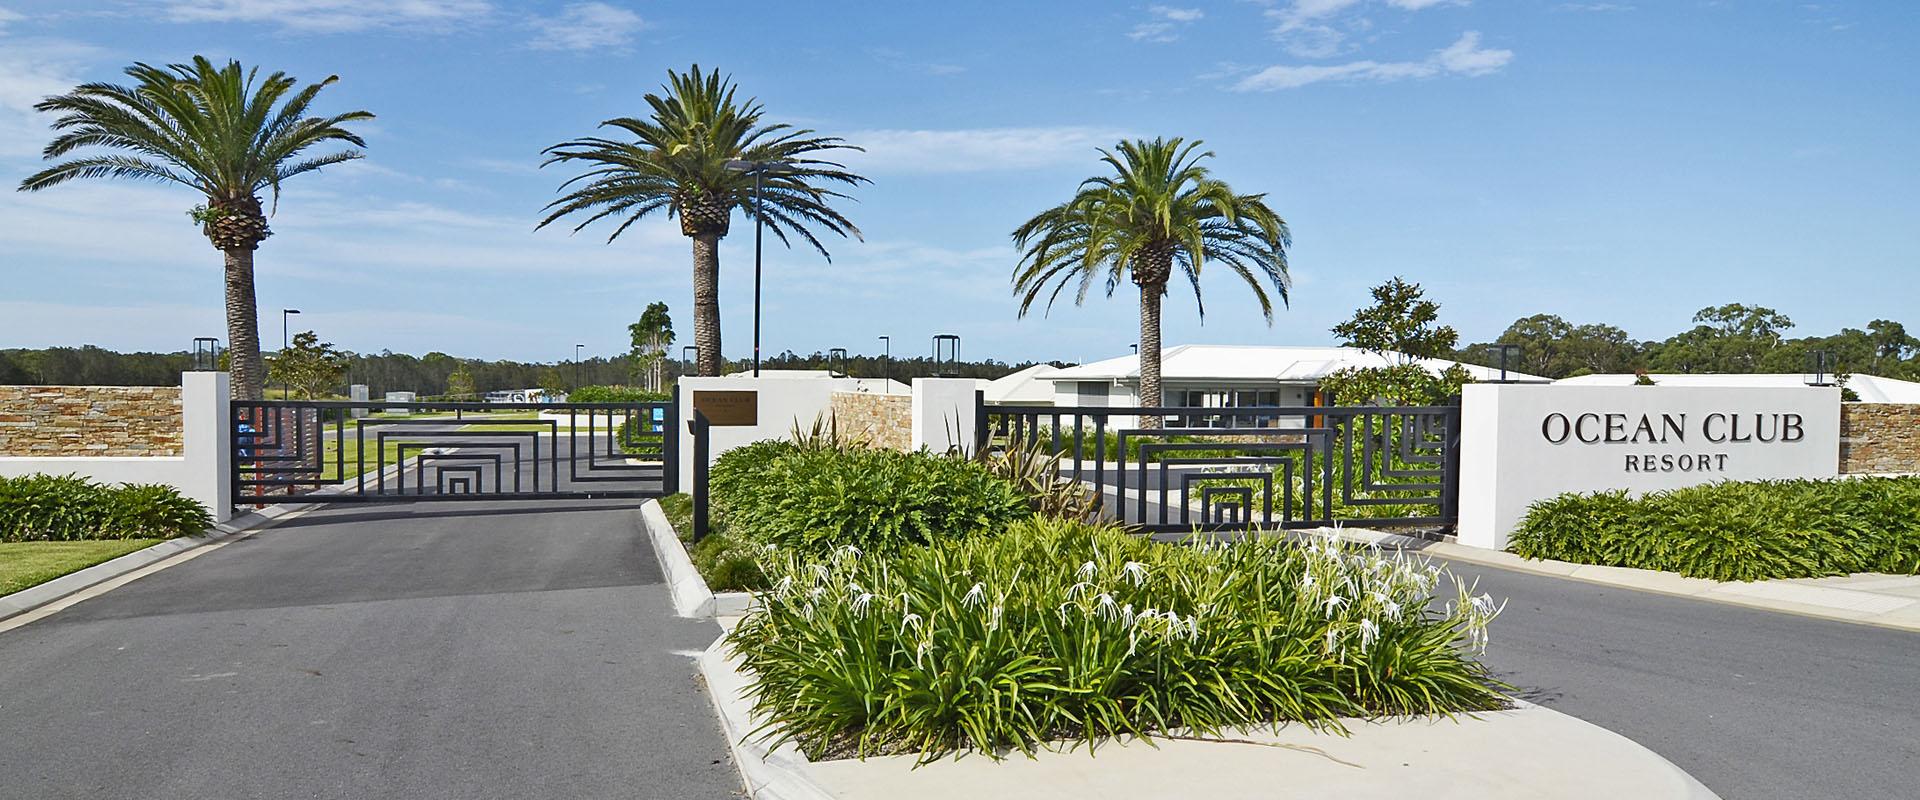 Over 50s Gated Communities Ocean Club Resort